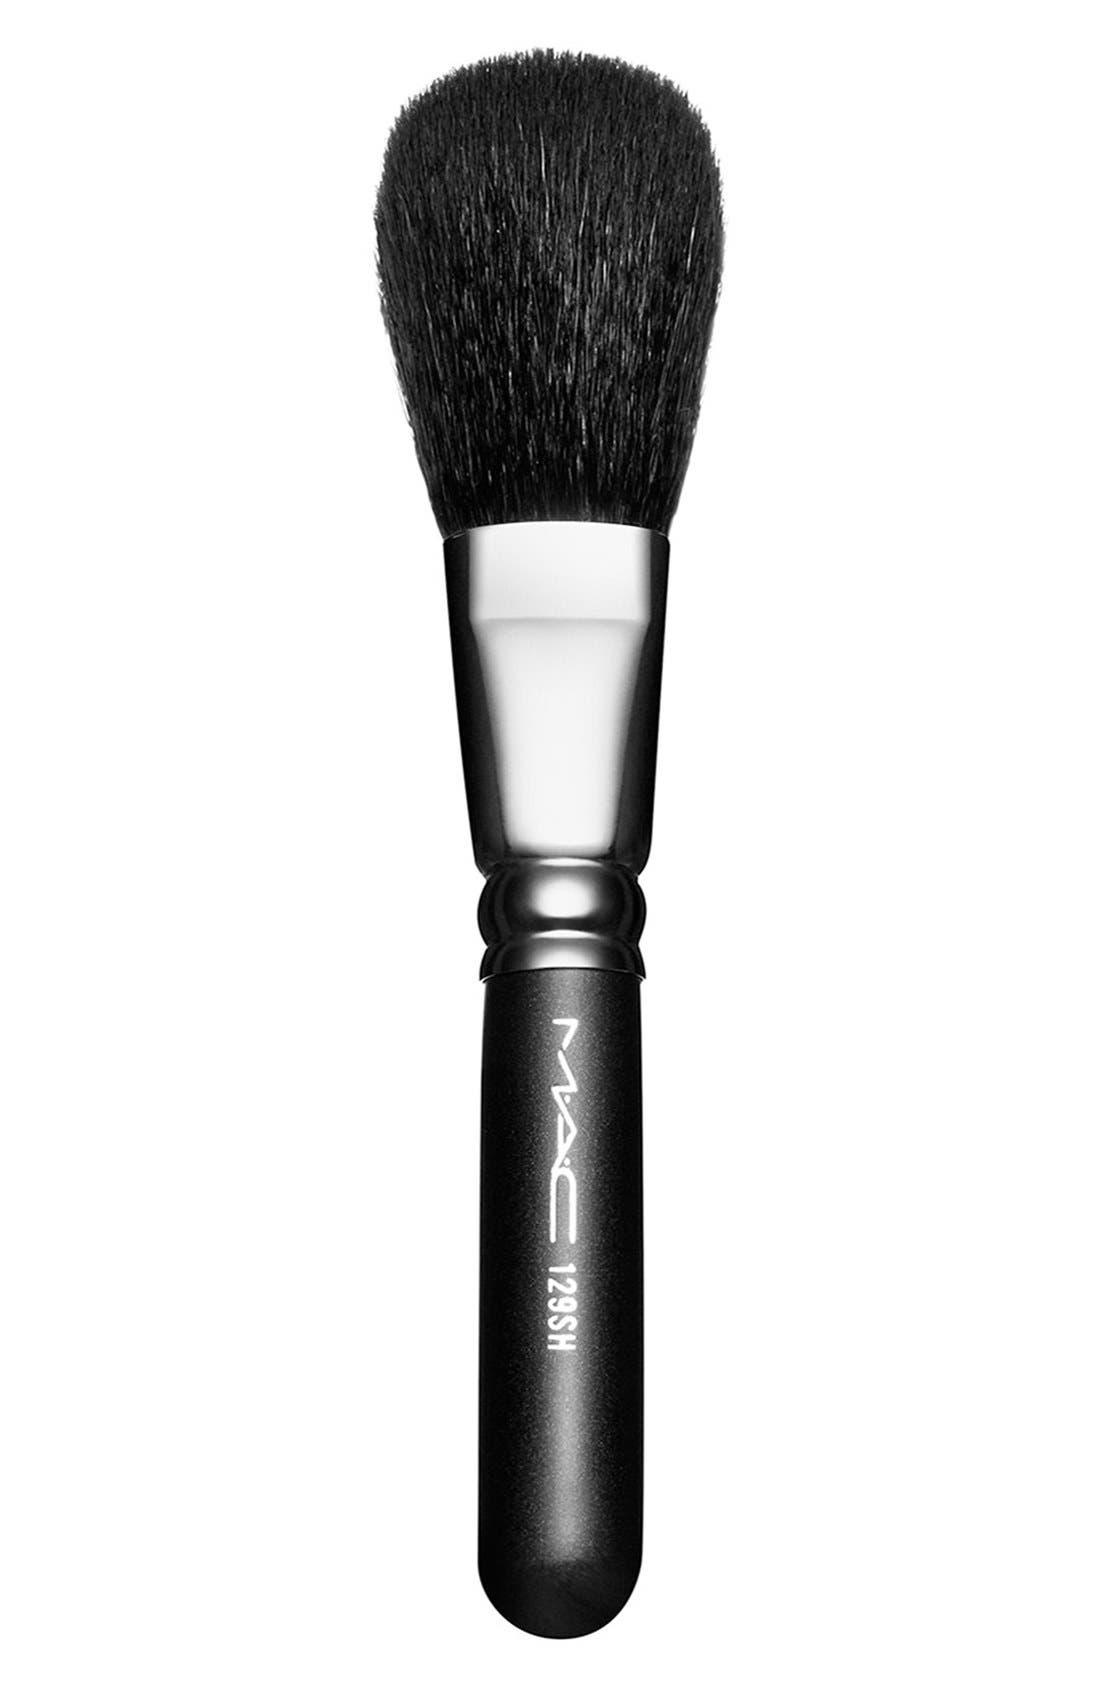 MAC 129SH Powder/Blush Brush,                             Main thumbnail 1, color,                             000